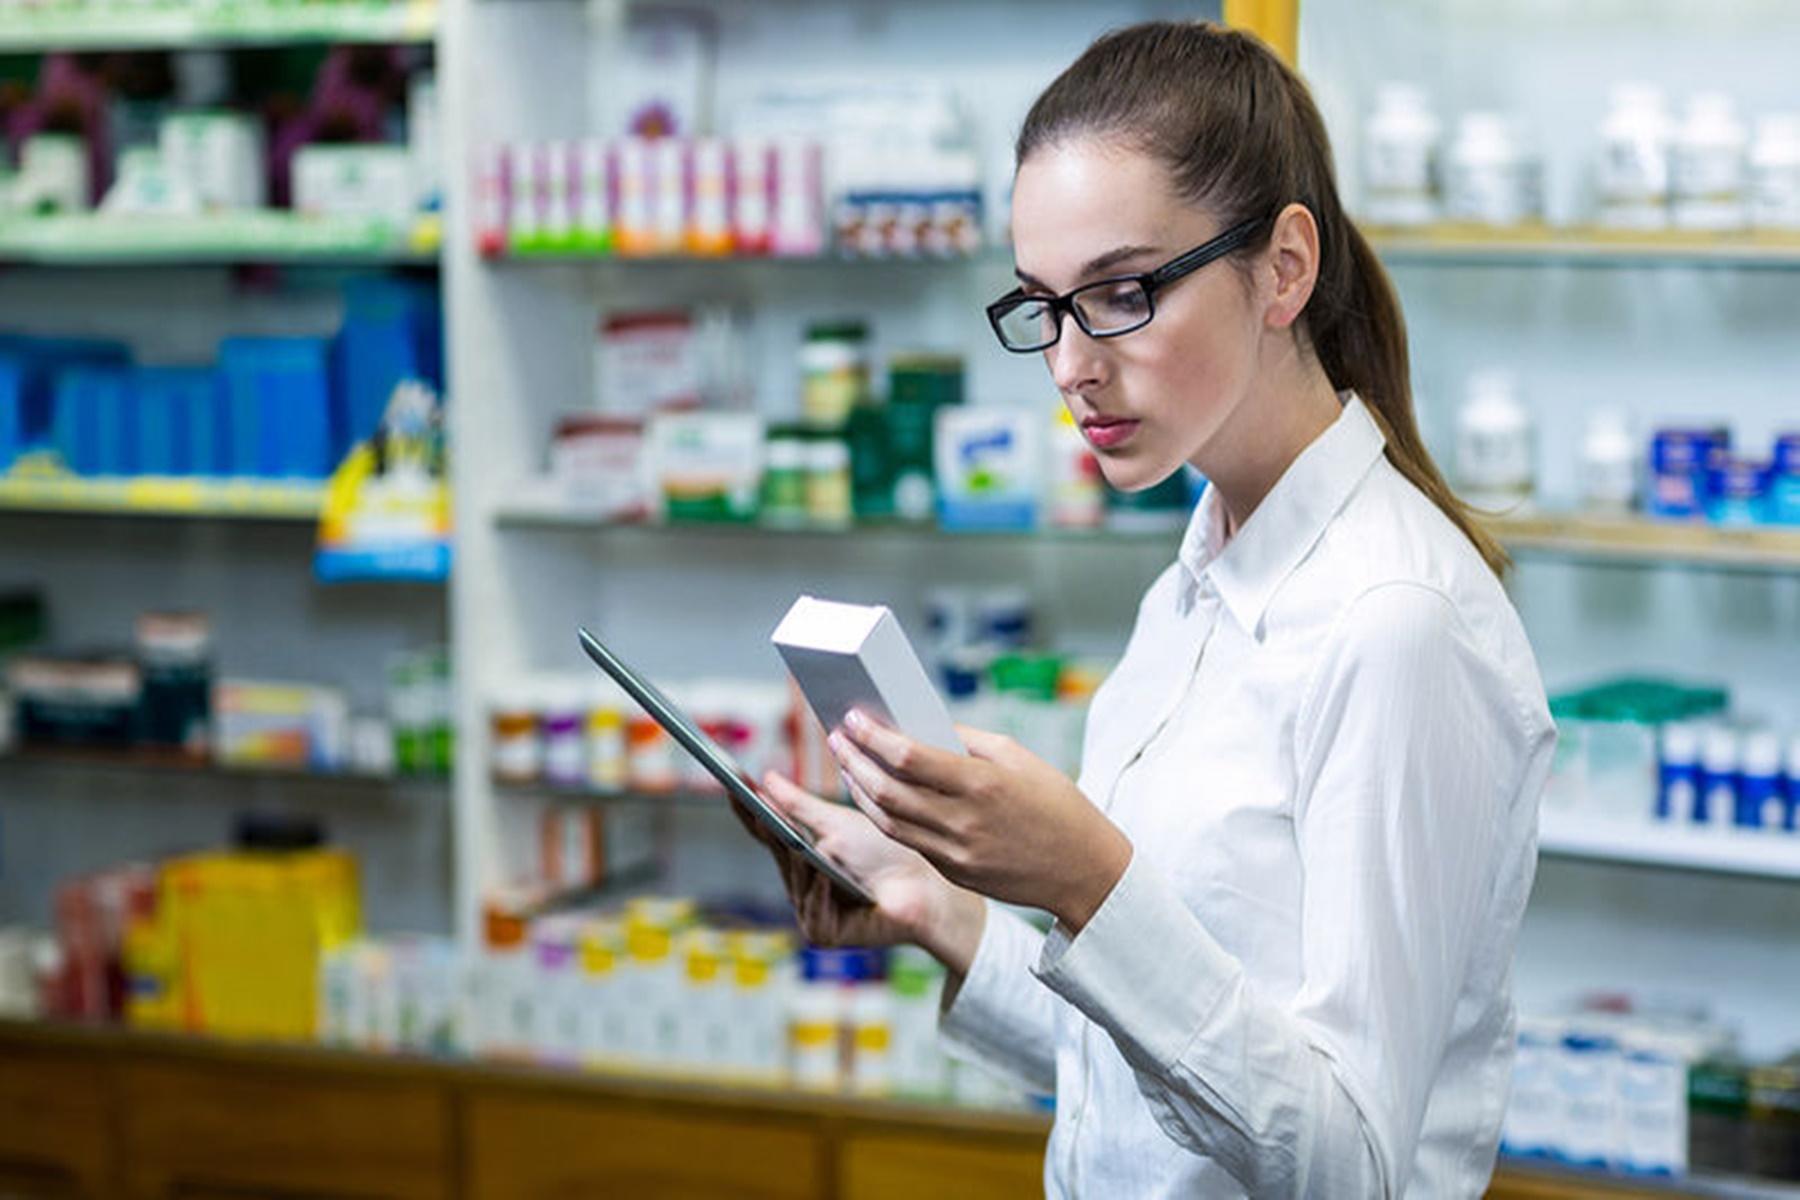 Πανελλήνιος φαρμακευτικός σύλλογος : Οι ομάδες που μπορούν να προμηθευτούν self-test